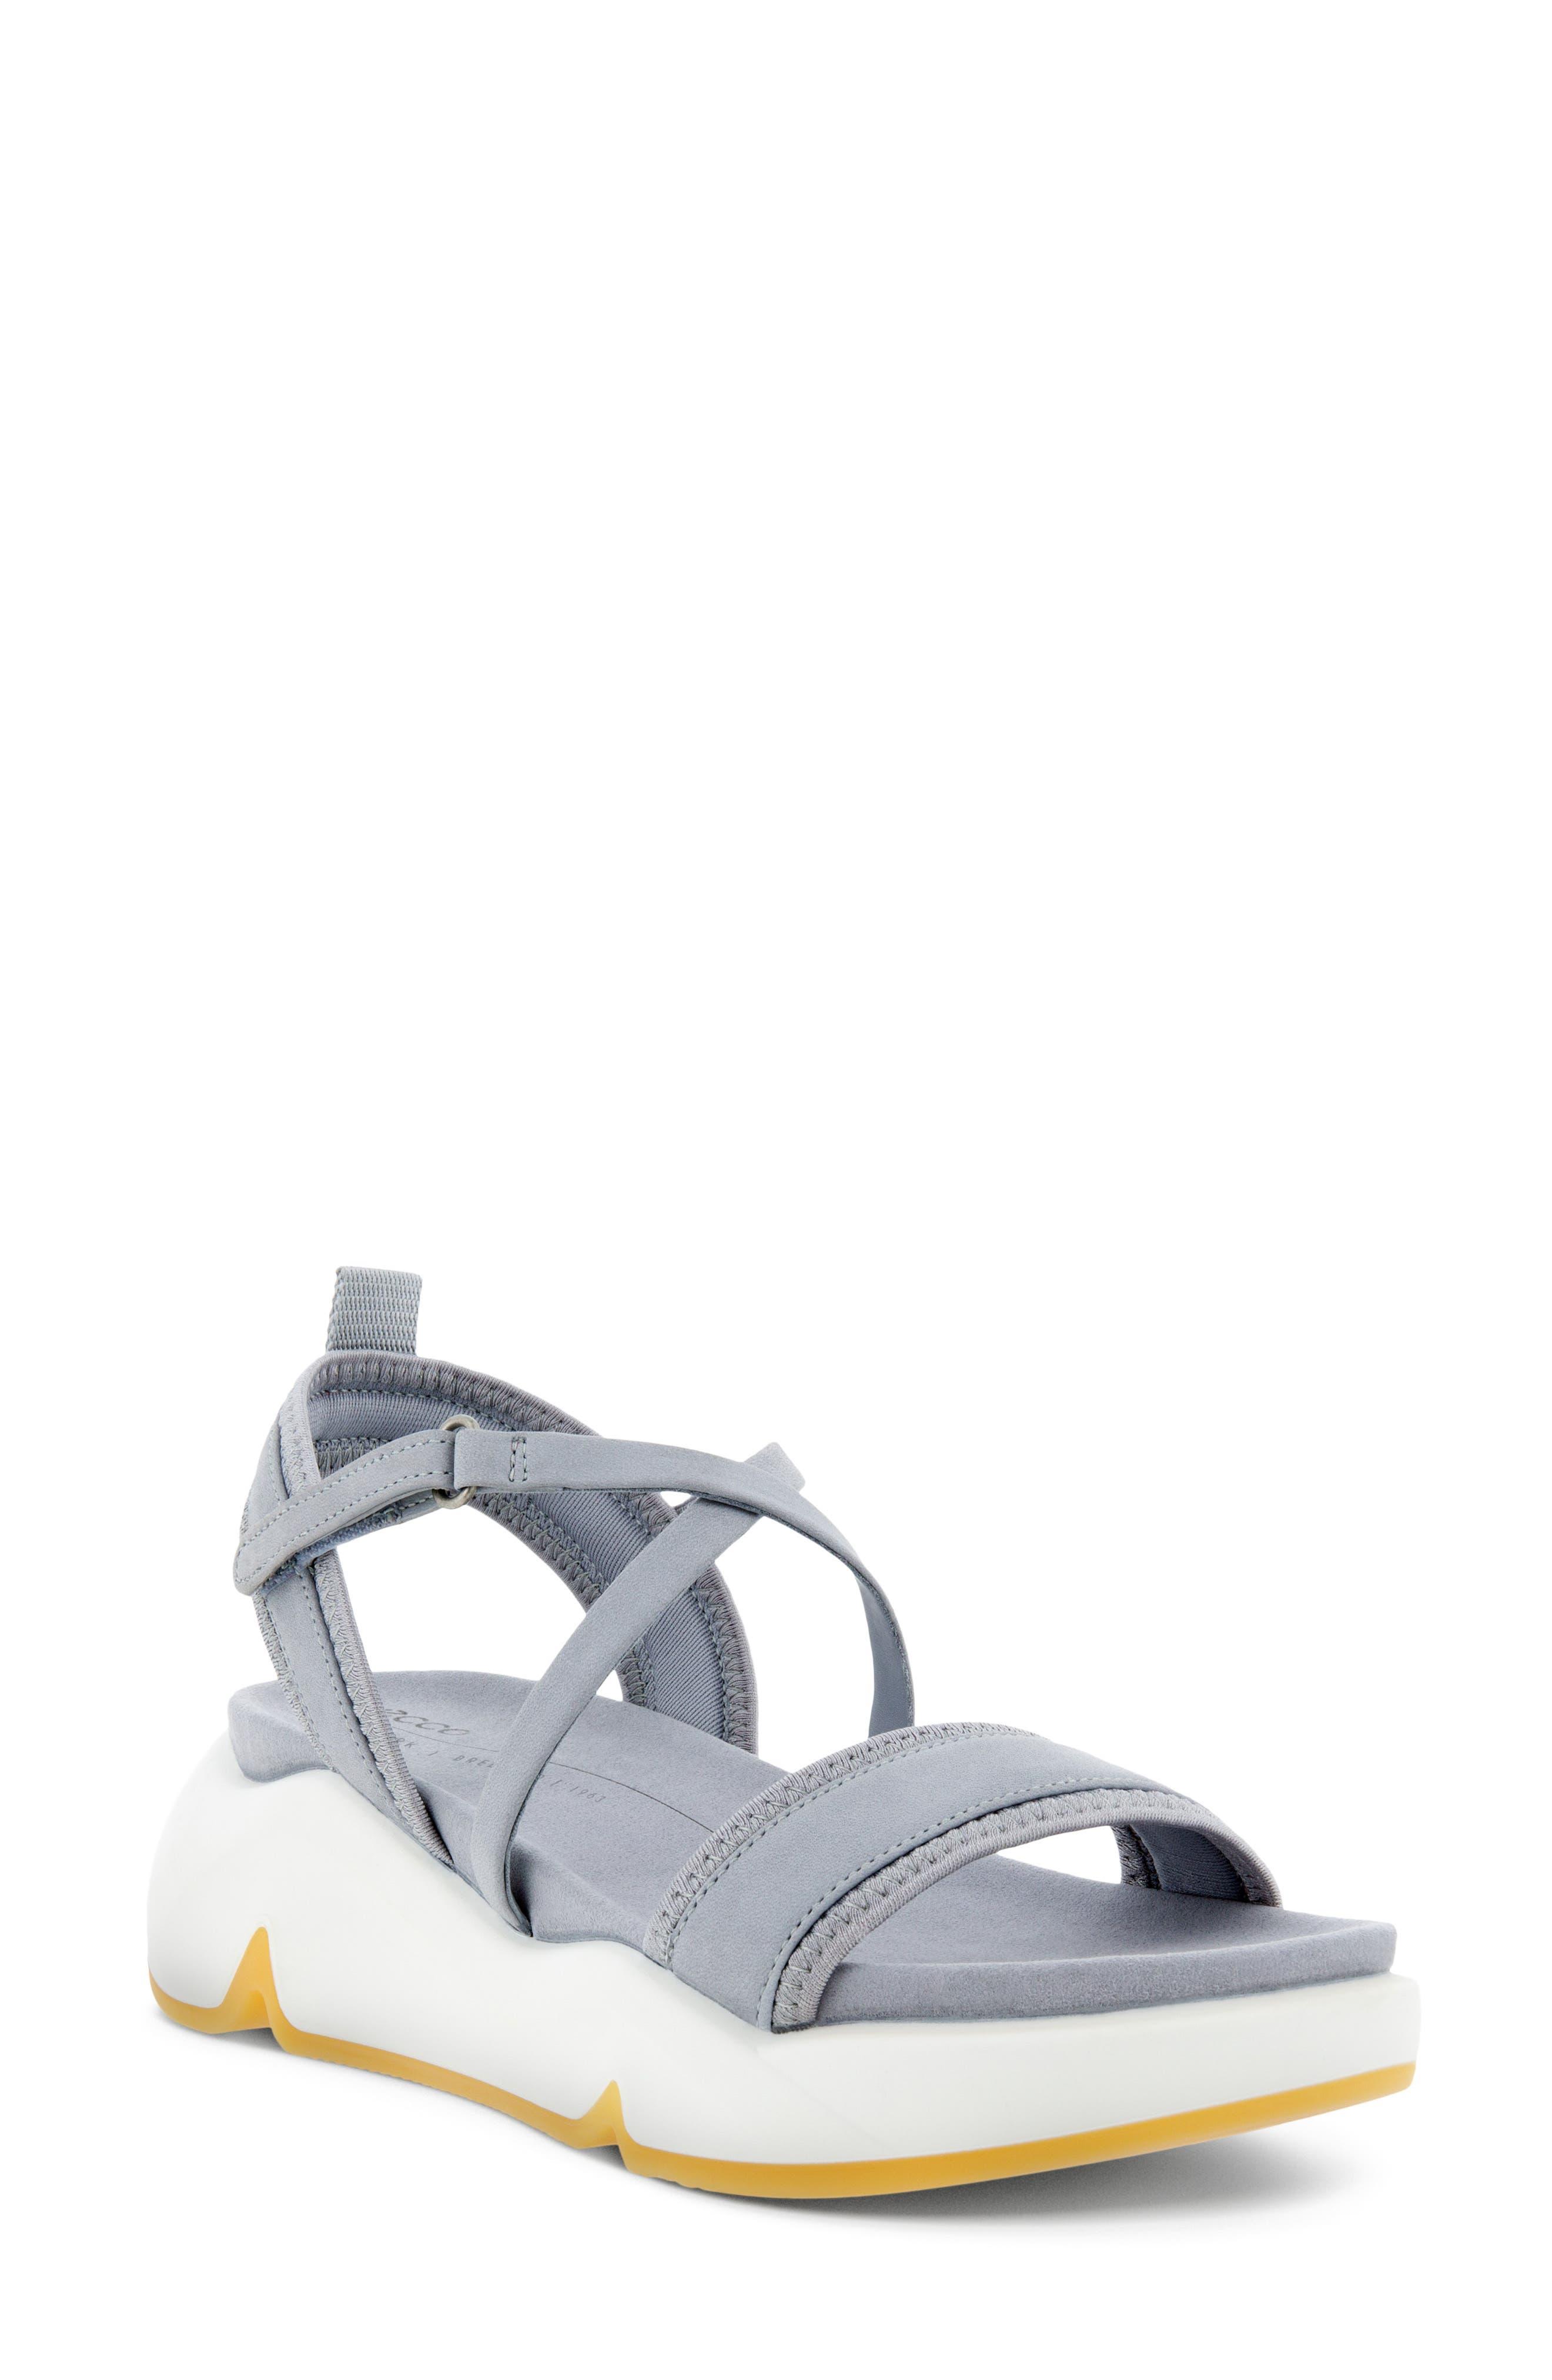 Women's Ecco Chunky Wedge Sandal